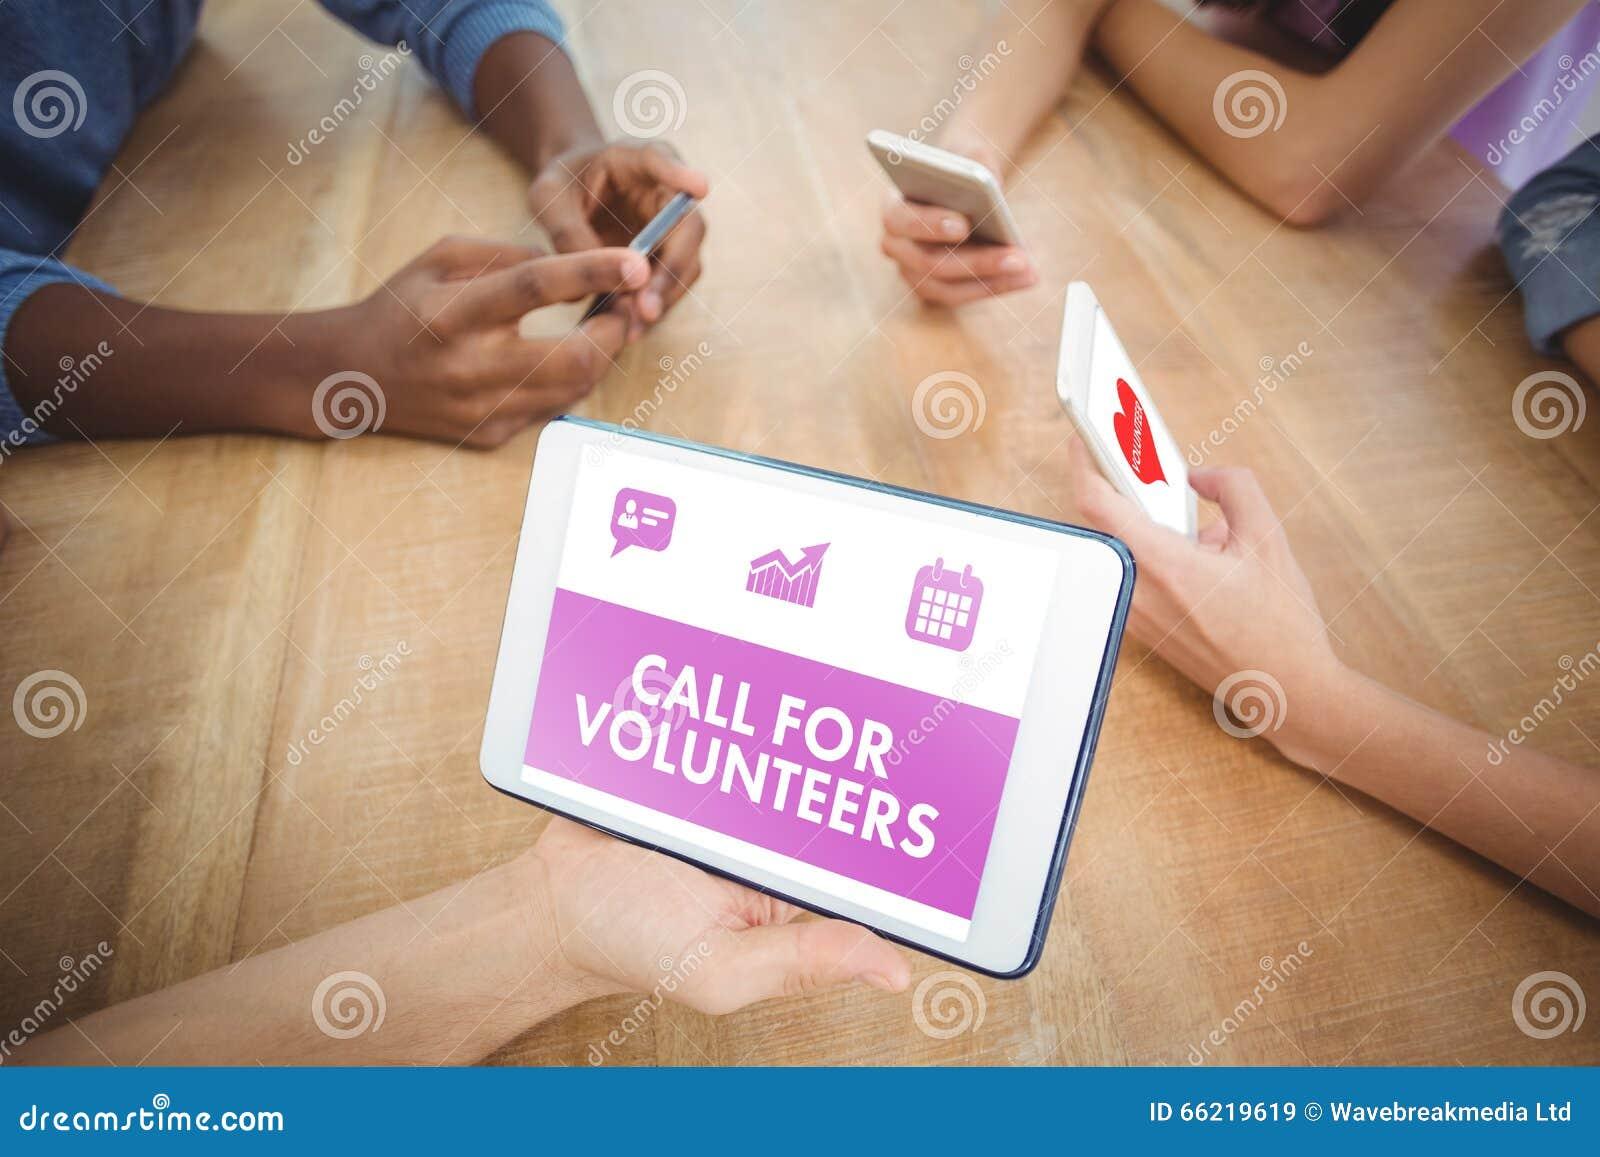 Imagem composta da chamada verde para voluntários